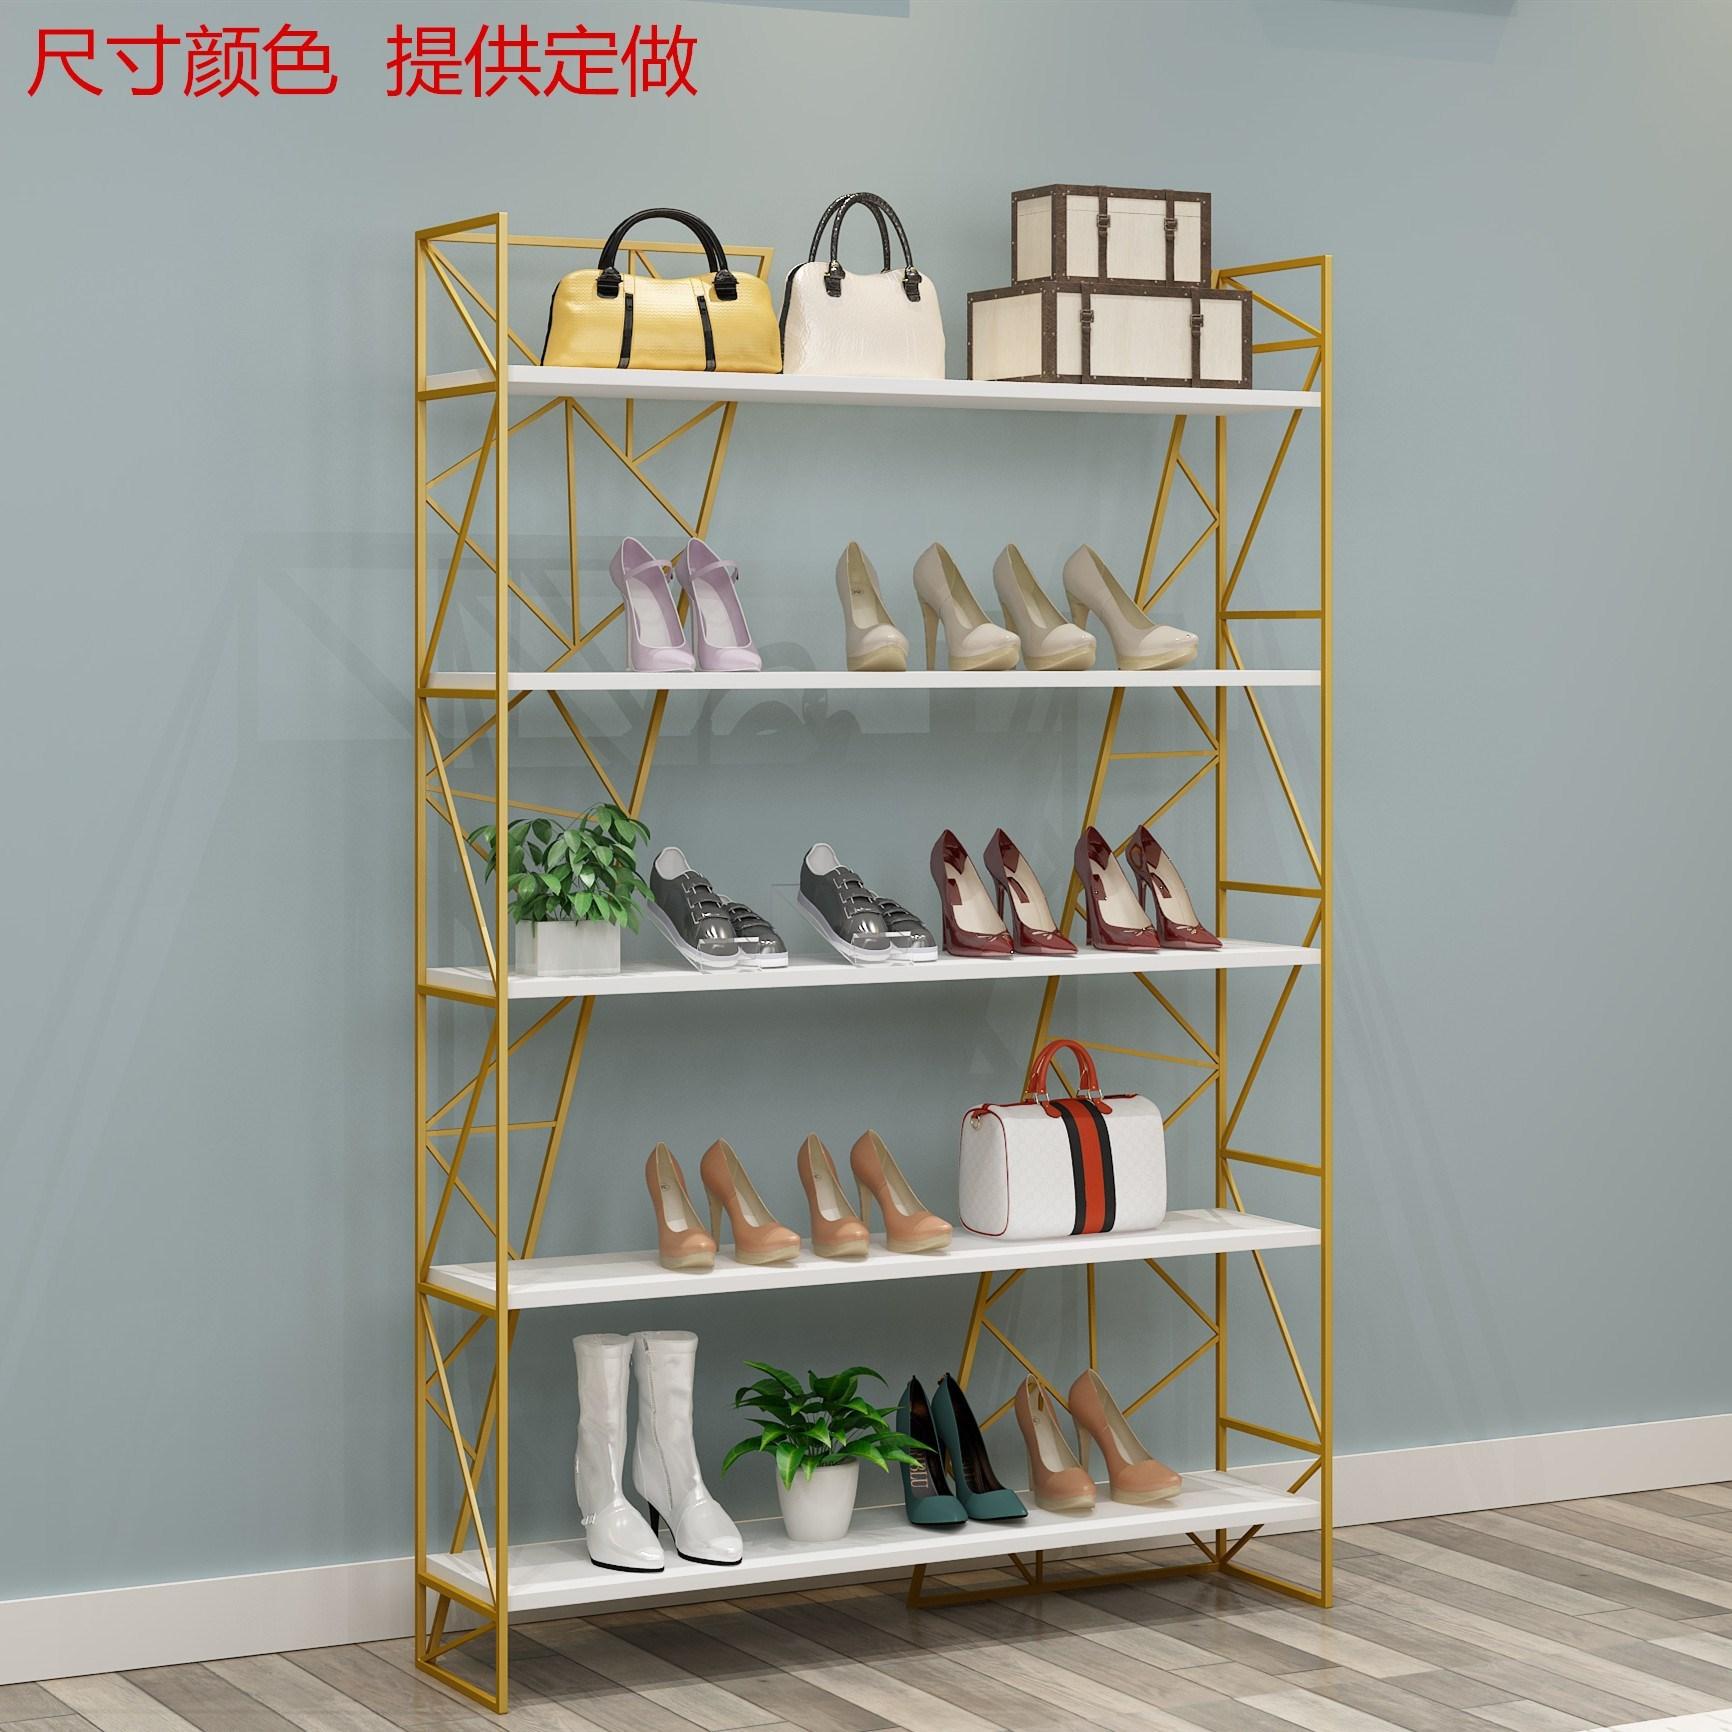 落地鞋店鞋架展示架童鞋店包包店展示架店铺式上墙服装店自由组合图片